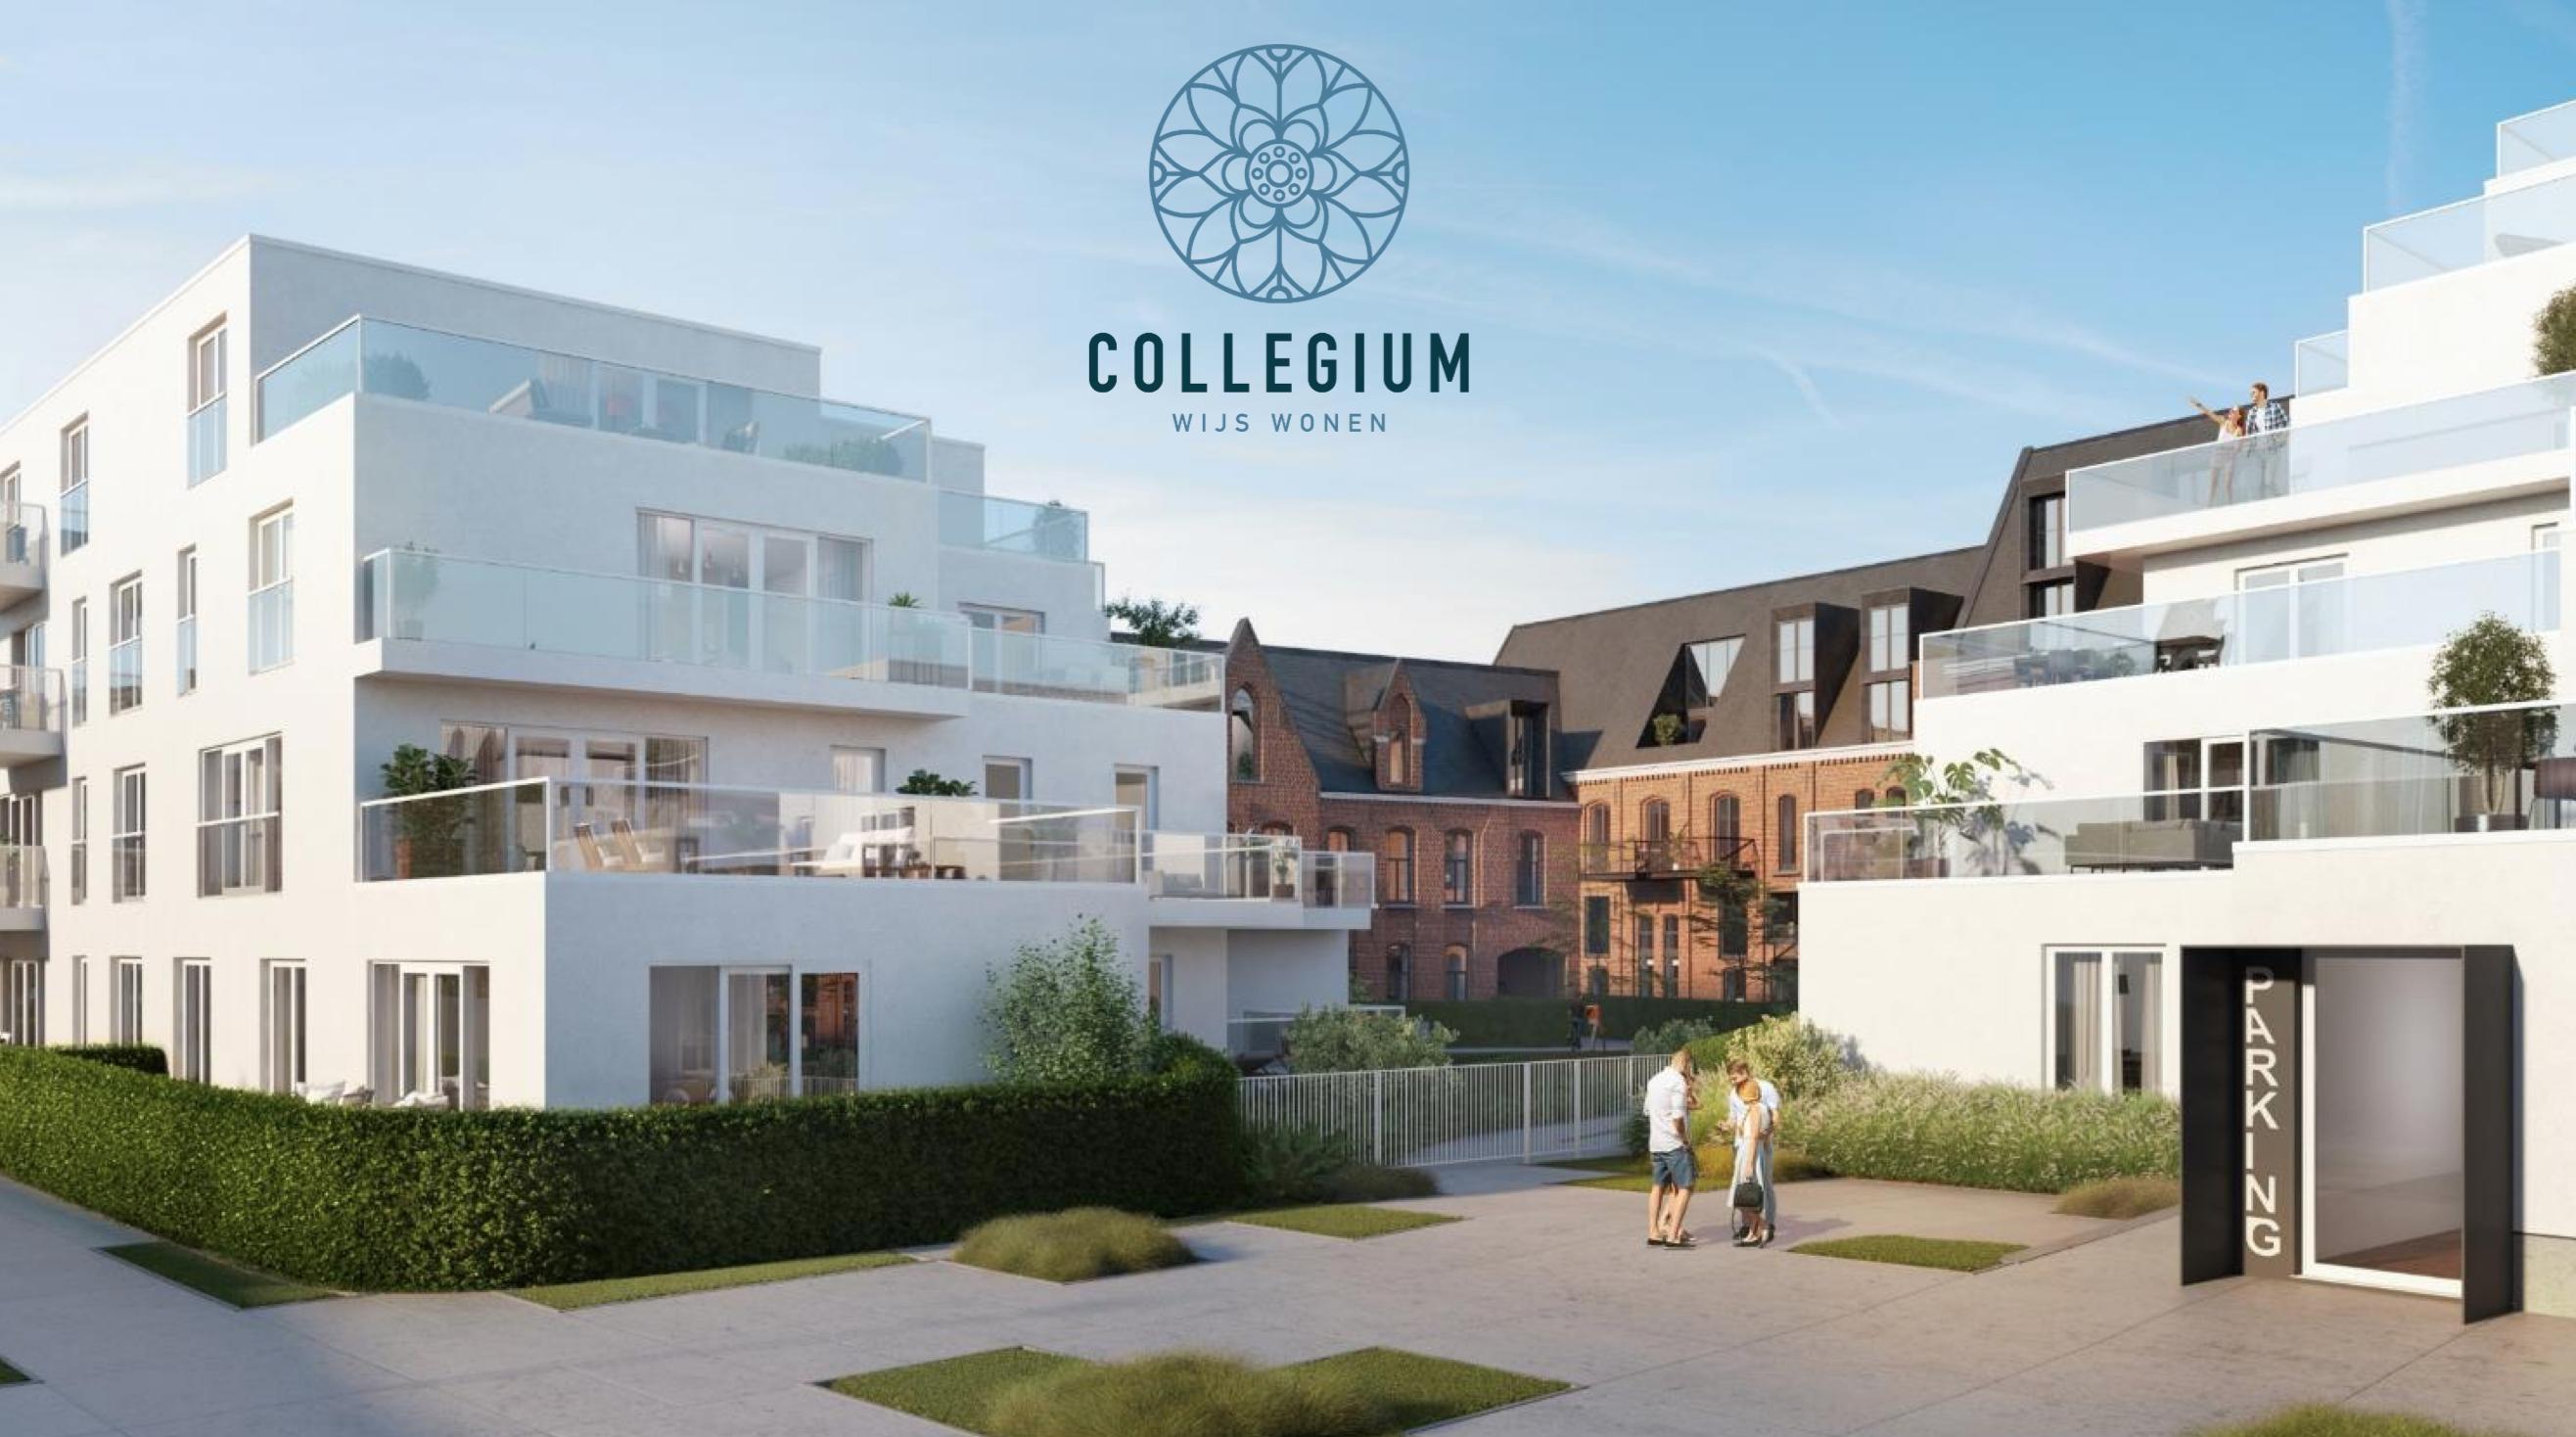 Nieuw project in de kijker: Collegium